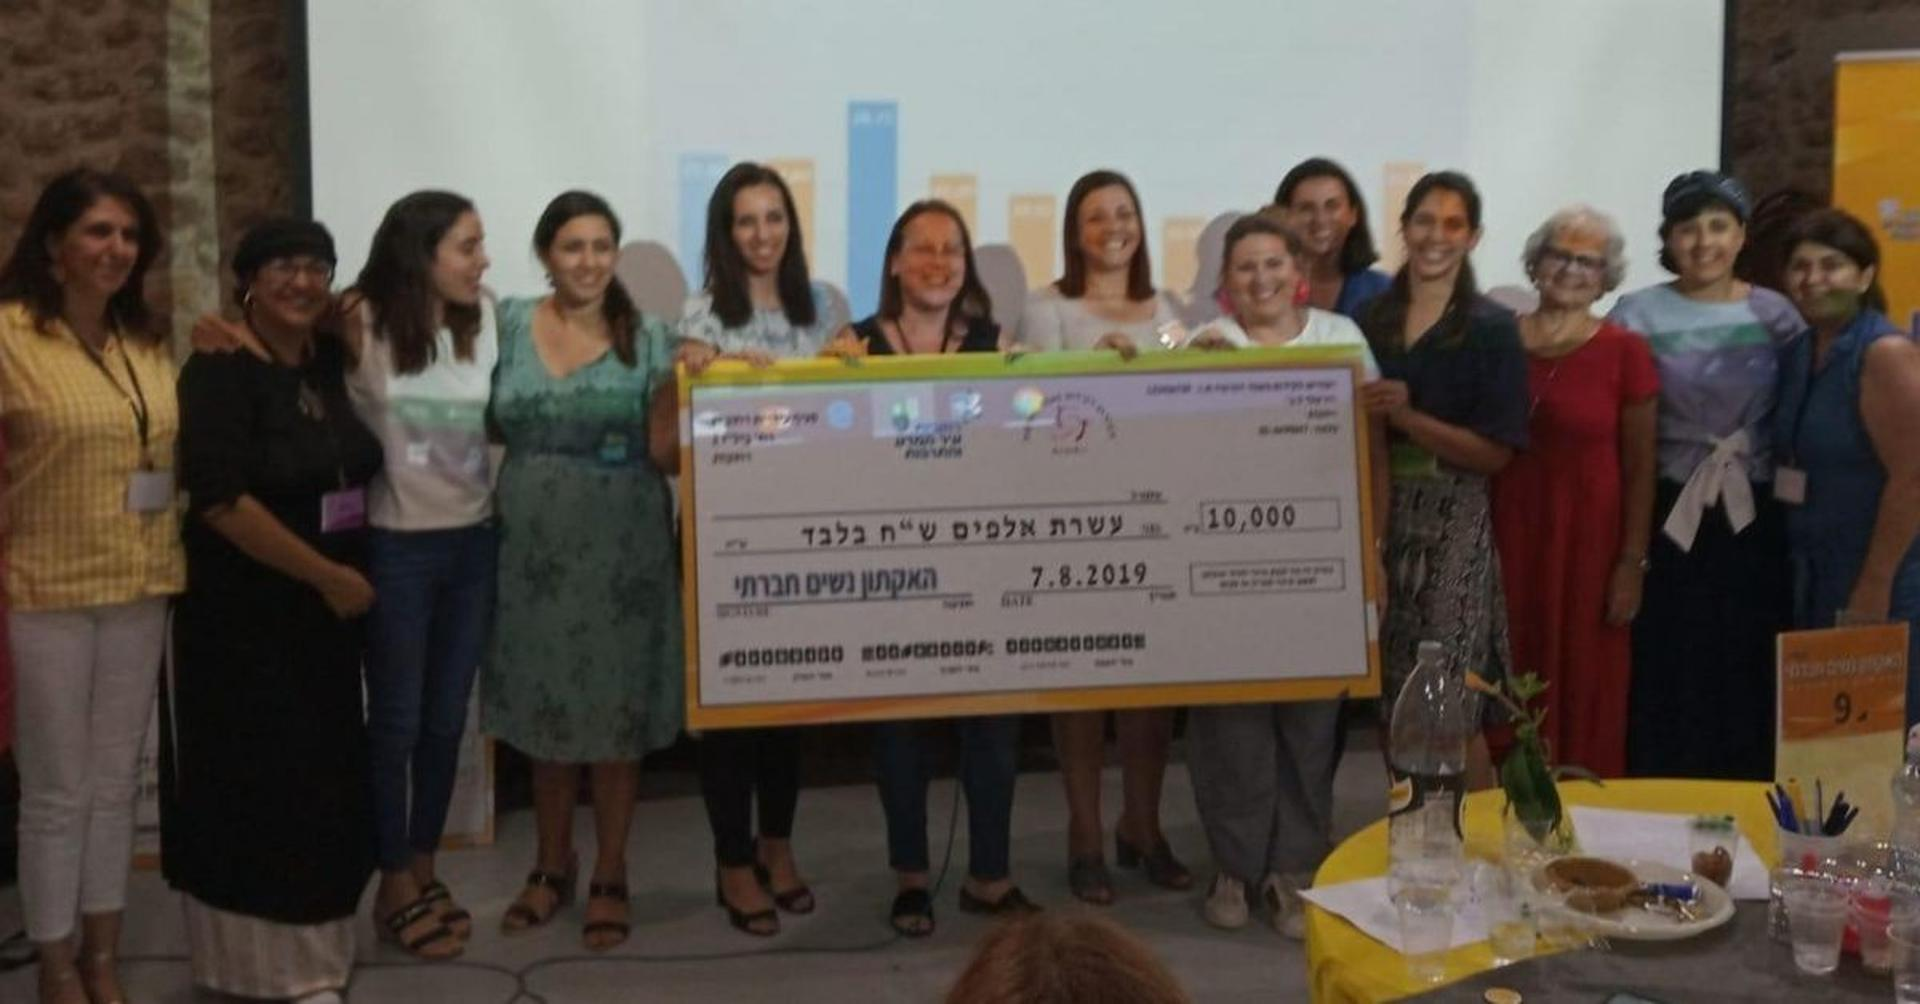 המיזם הזוכה בהאקתון הנשים | צילום: דוברות עיריית רחובות